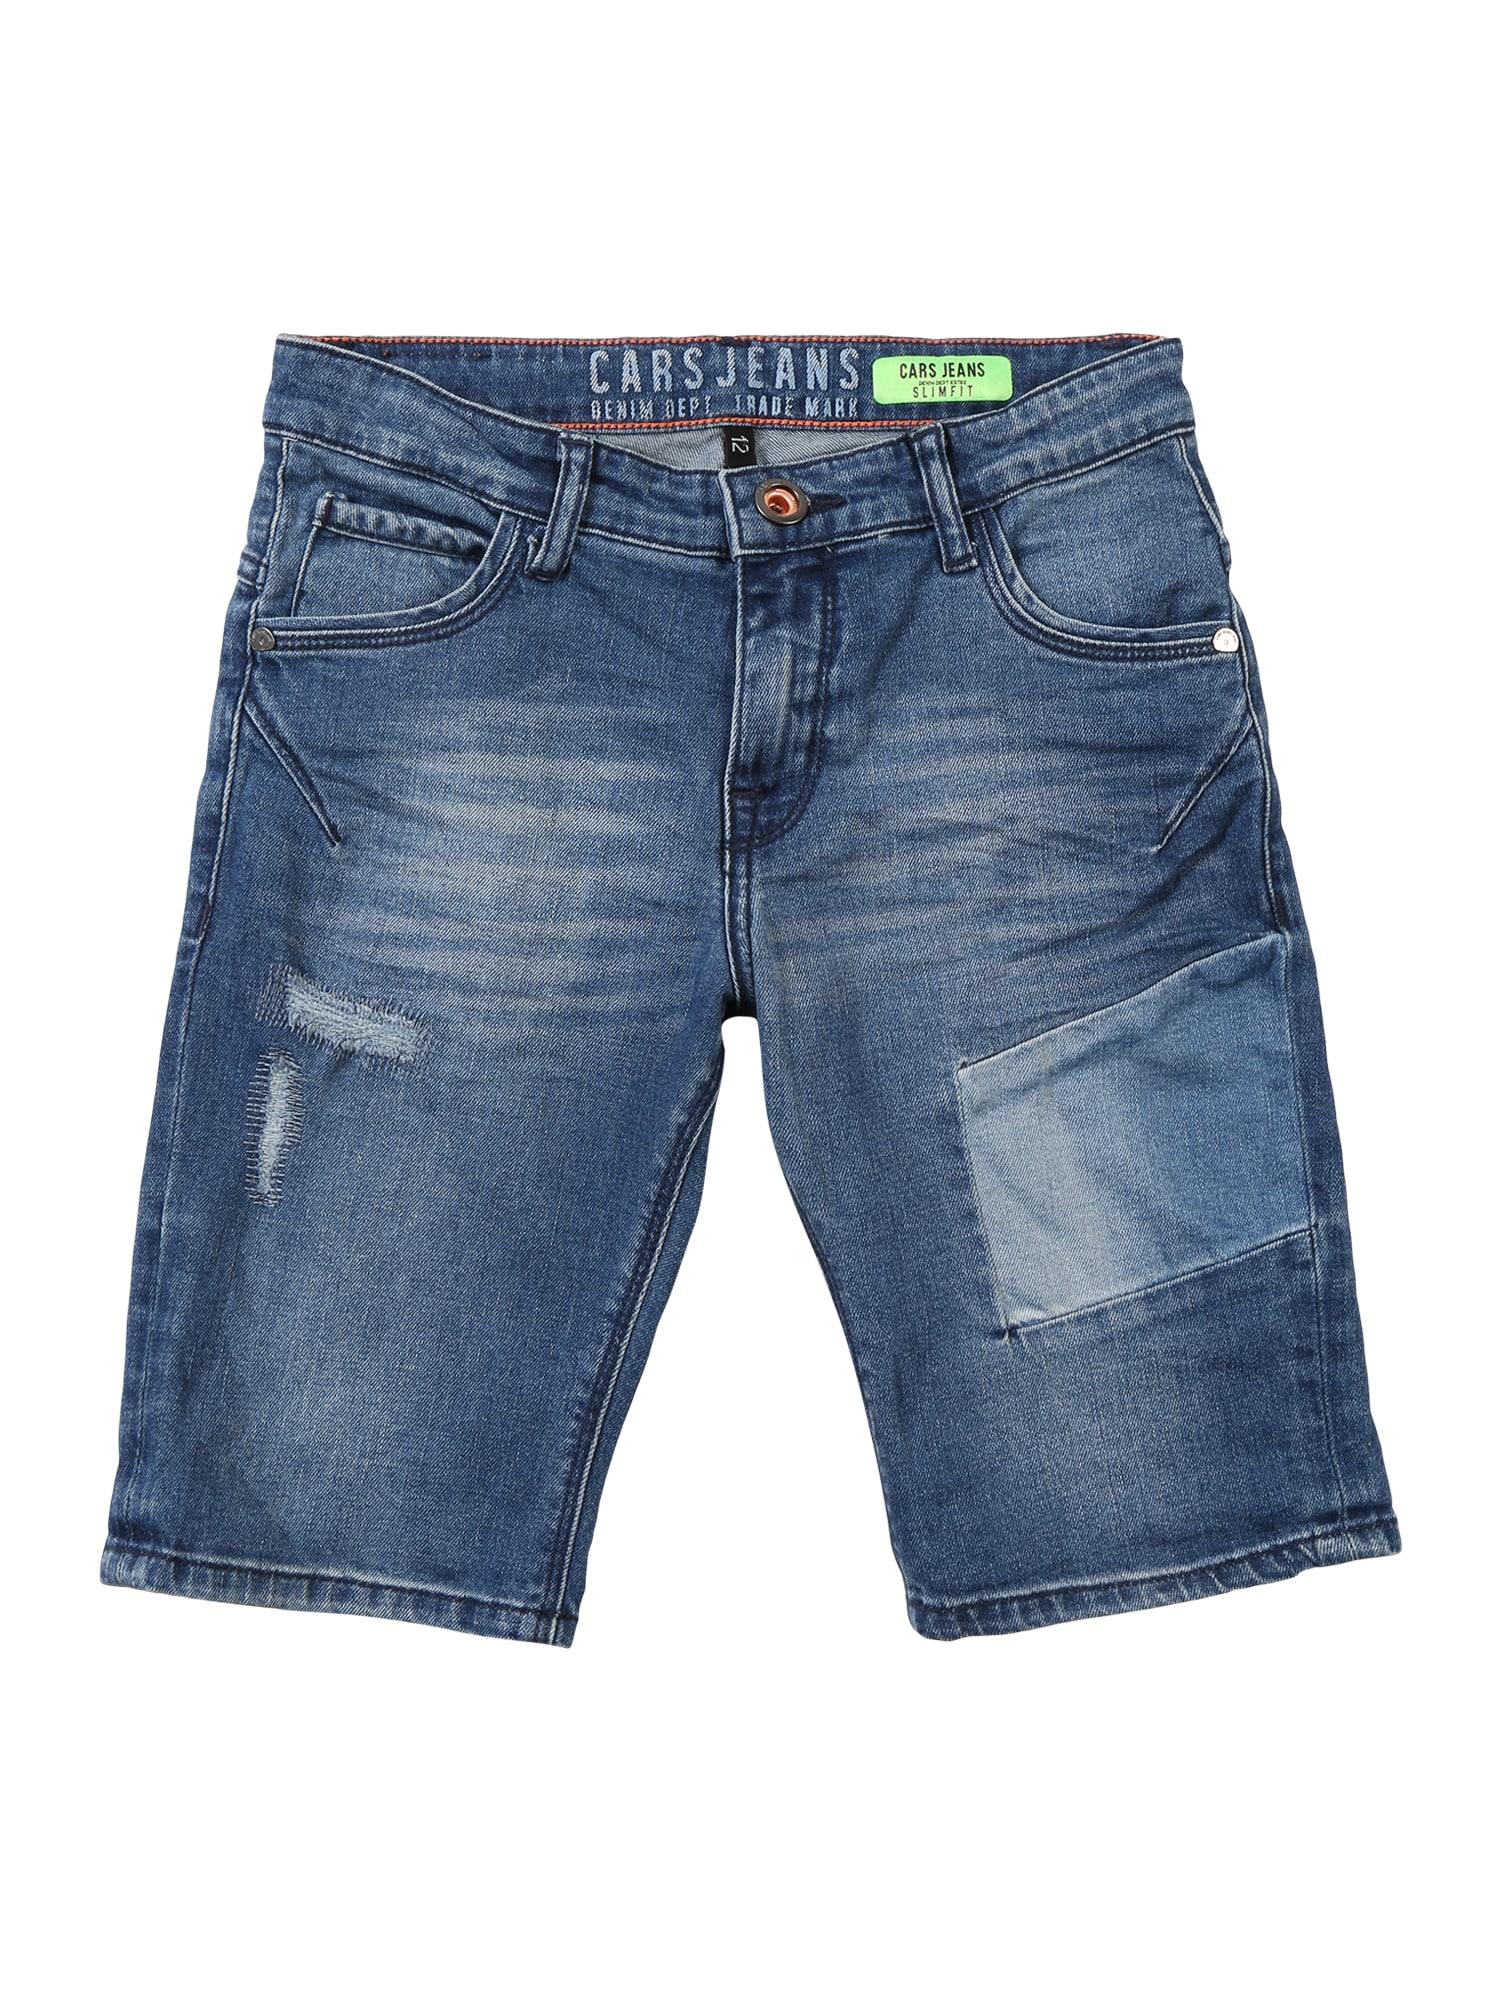 Džíny Barras modrá džínovina Cars Jeans